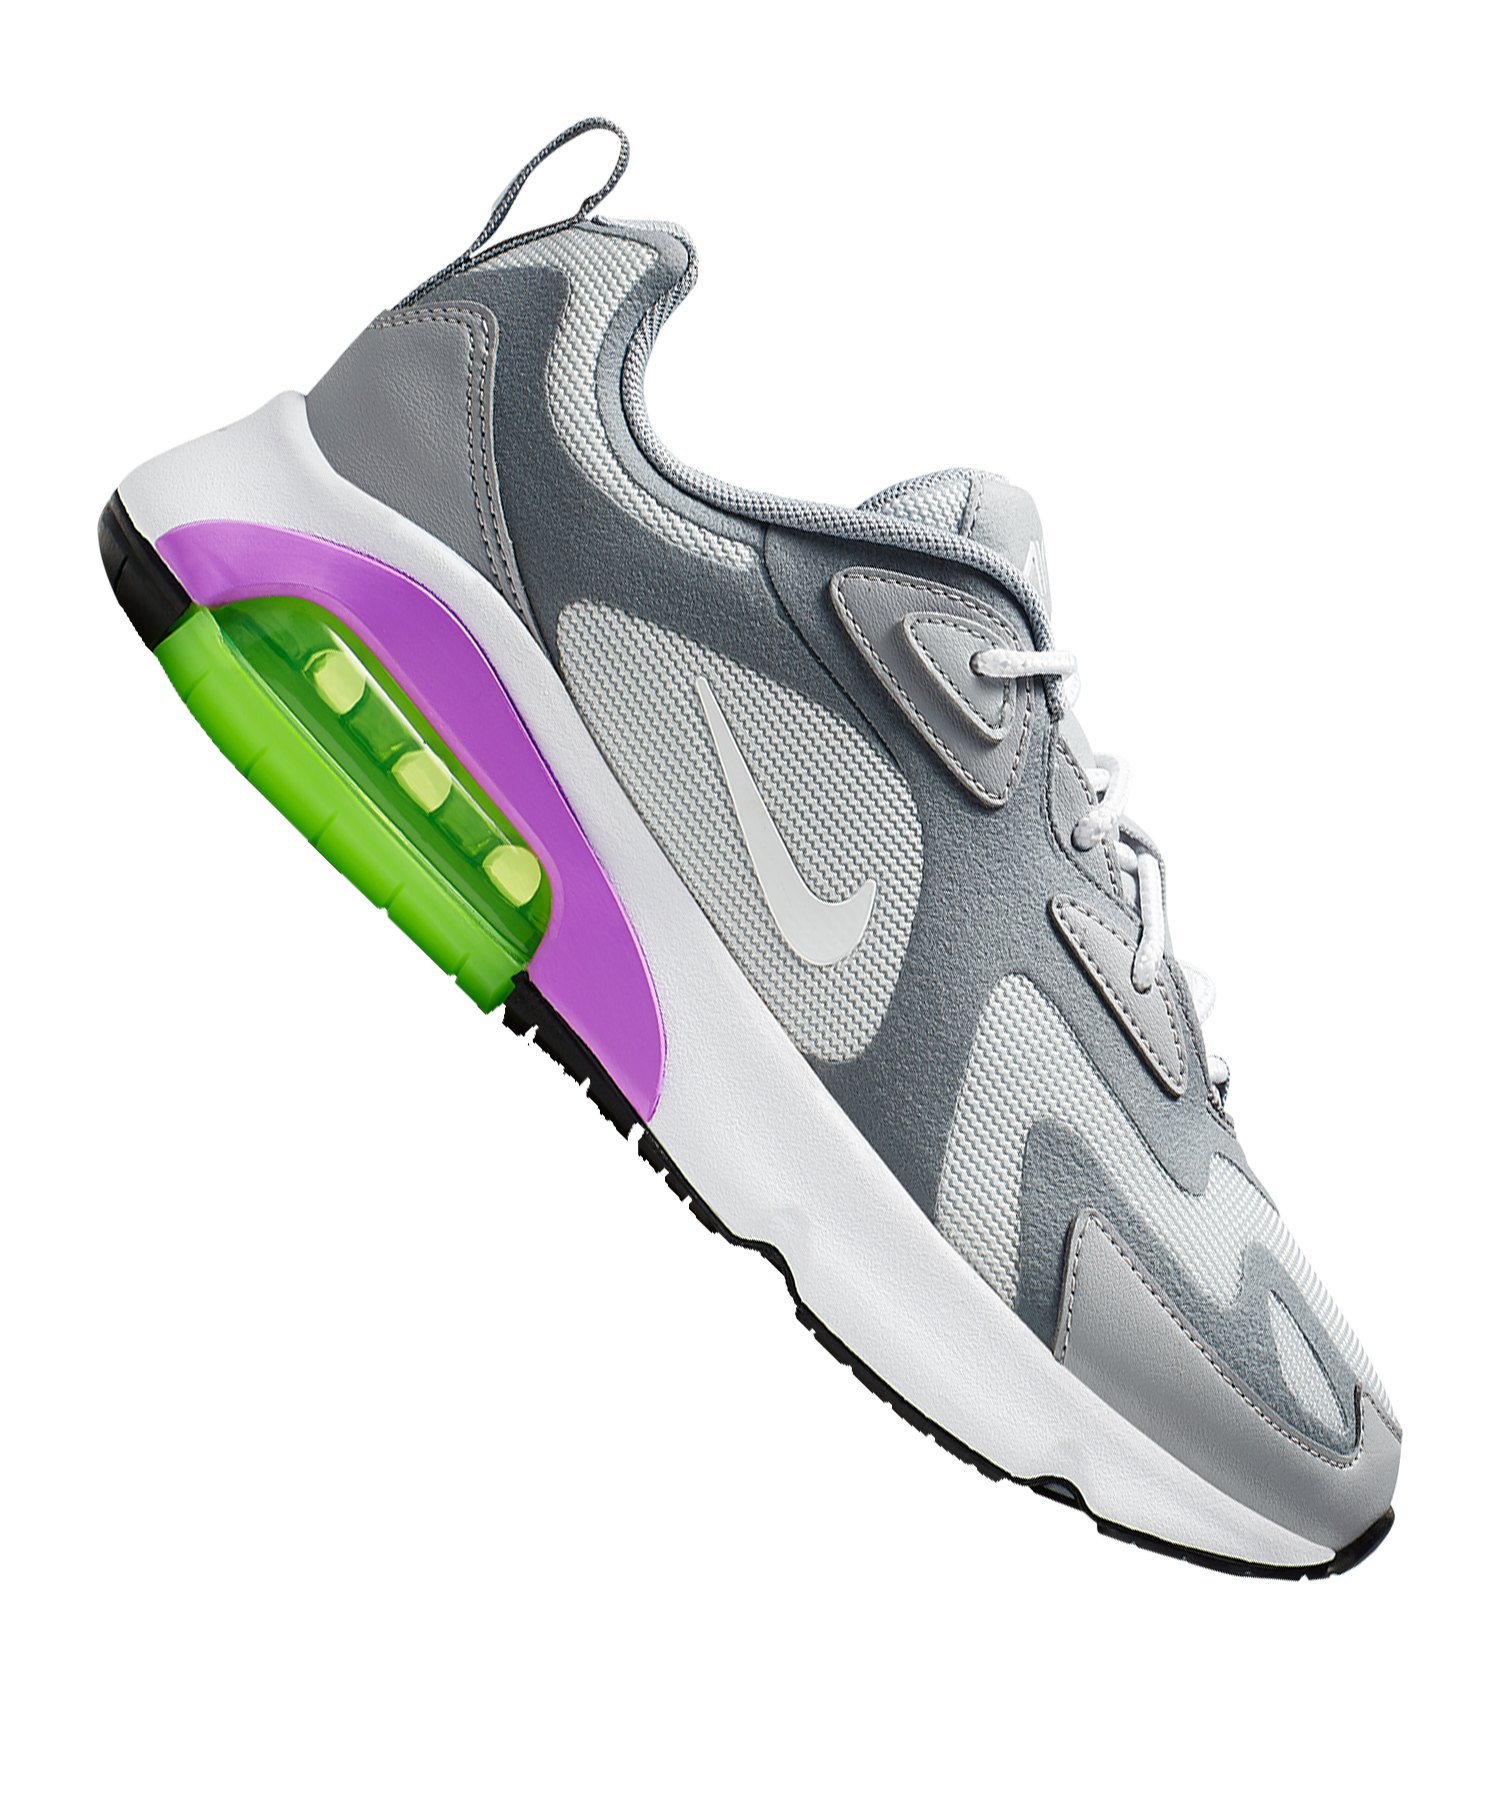 Nike Roshe Run Schuhe Gr. 42 12 Sneaker bordeaux rot weiß